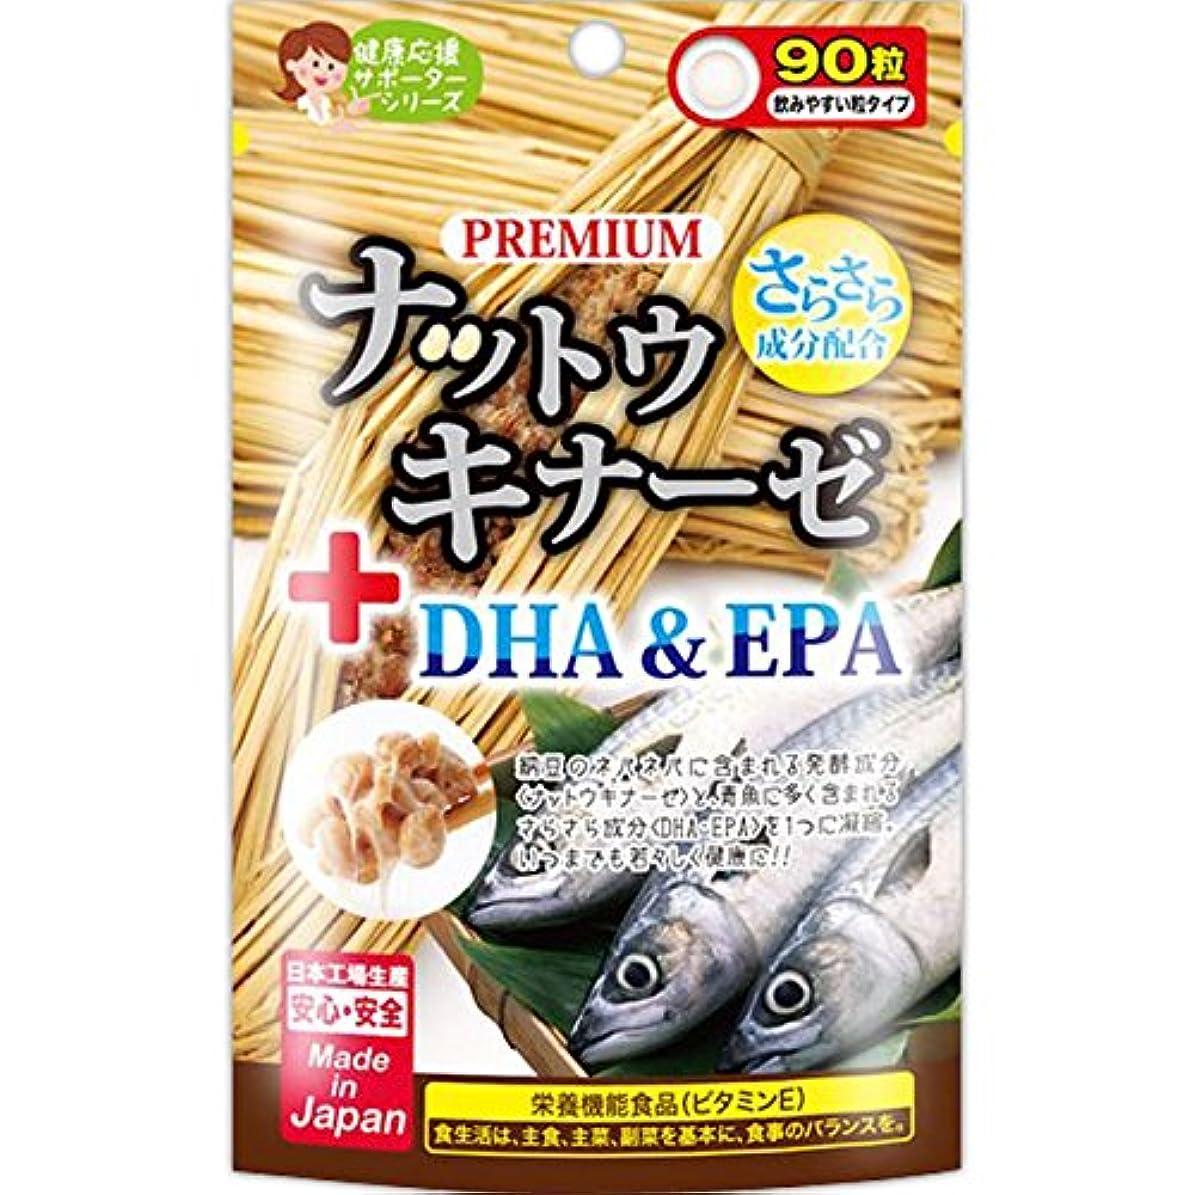 公然と写真を撮る教育するジャパンギャルズ プレミアムナットウキナーゼ+DHA&EPA 90粒×10個セット